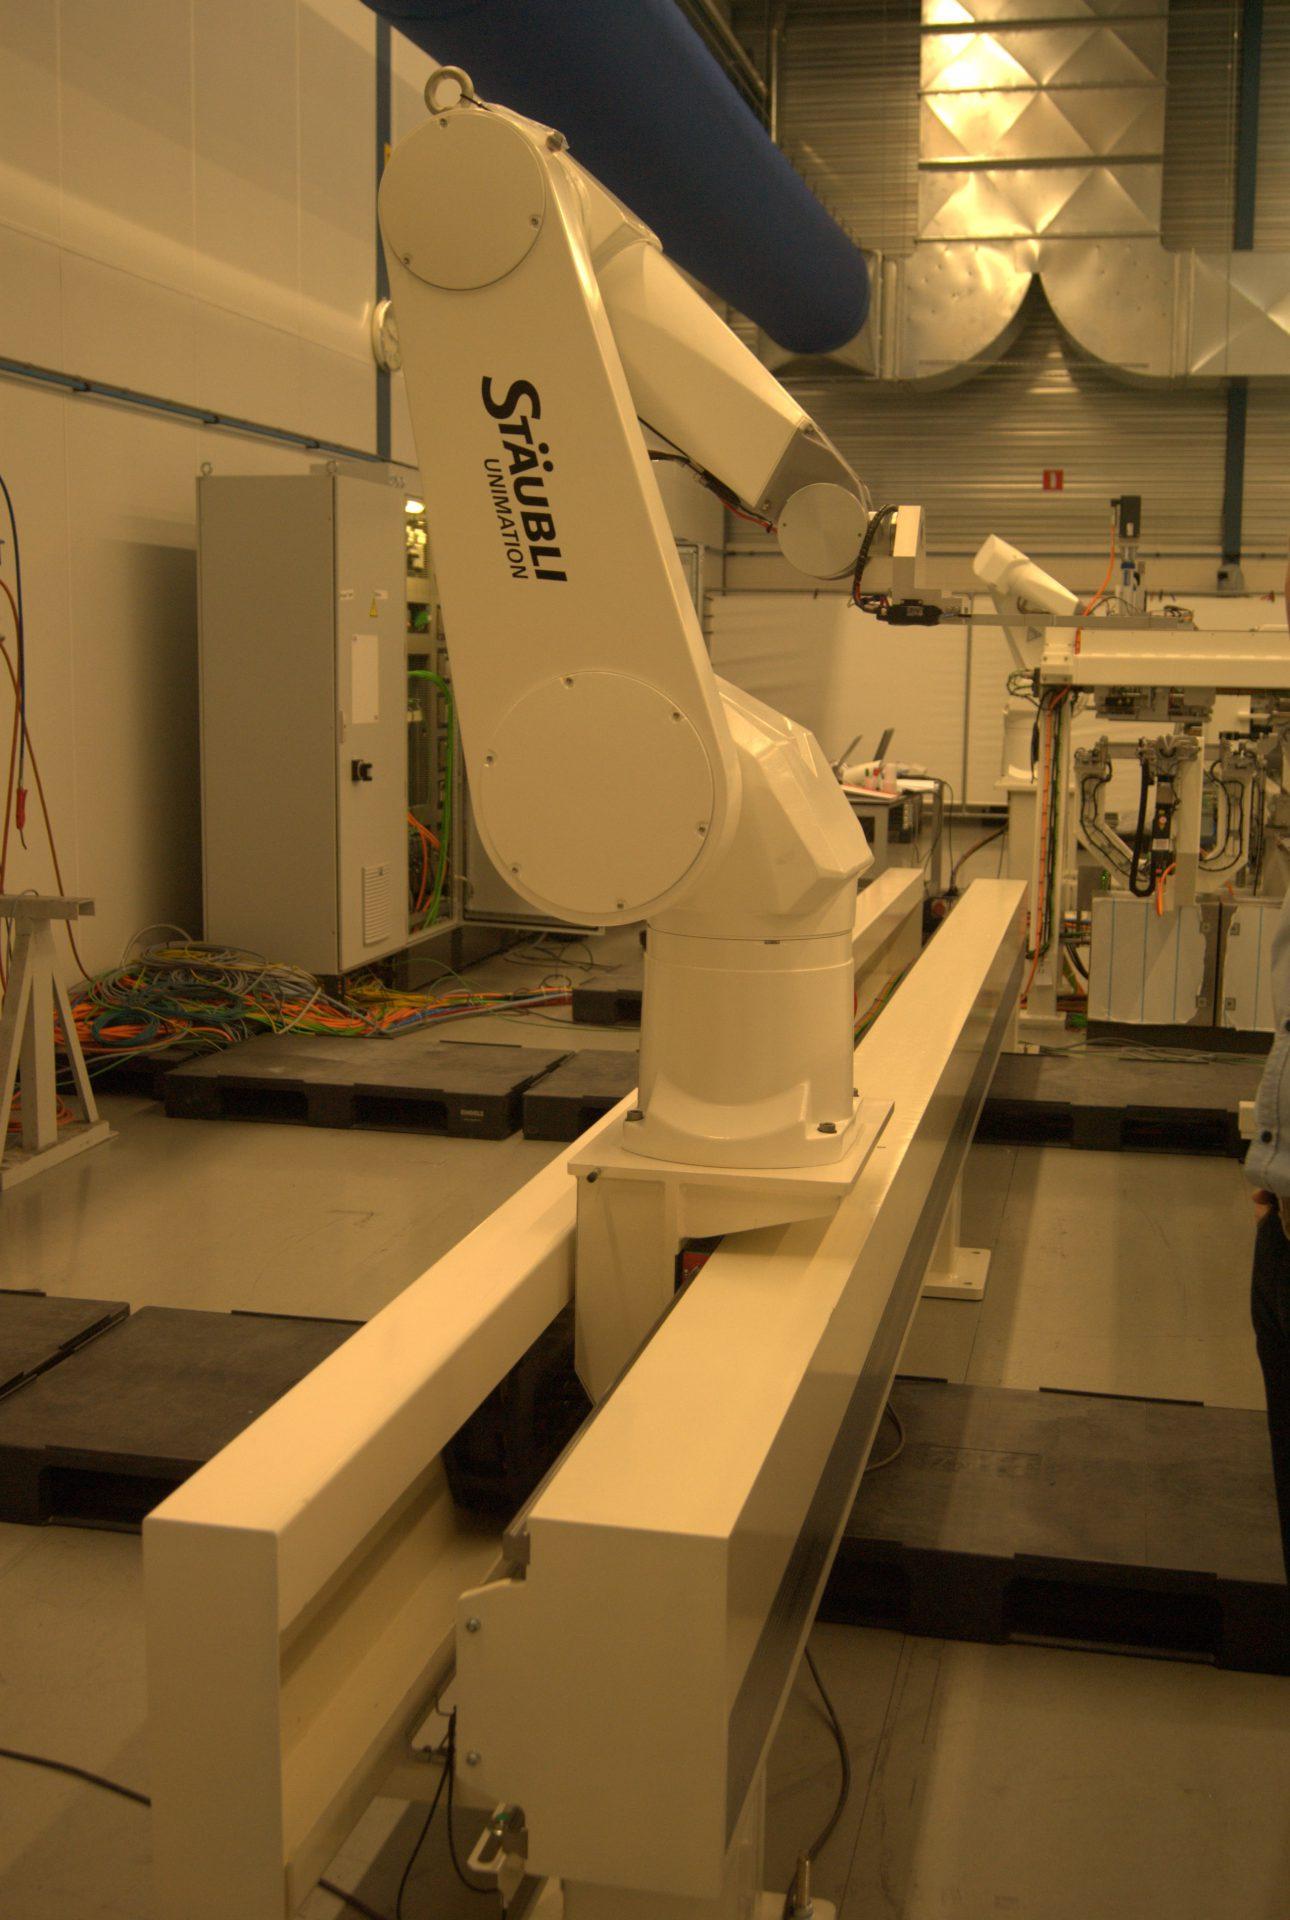 at35-f voor staubli robot rx160